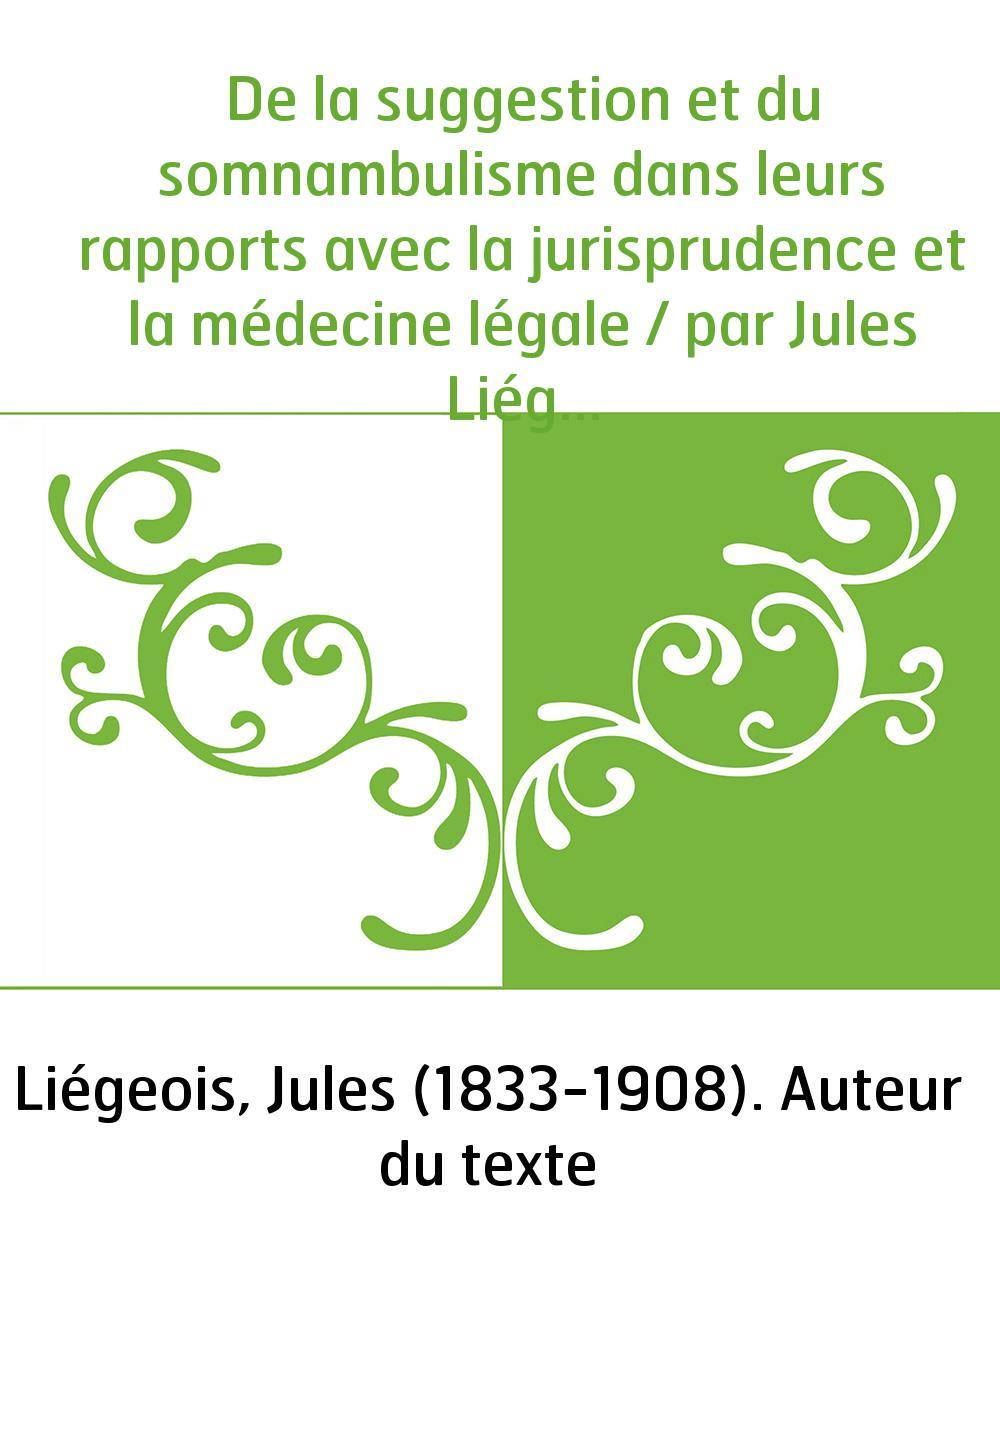 De la suggestion et du somnambulisme dans leurs rapports avec la jurisprudence et la médecine légale / par Jules Liégeois,...